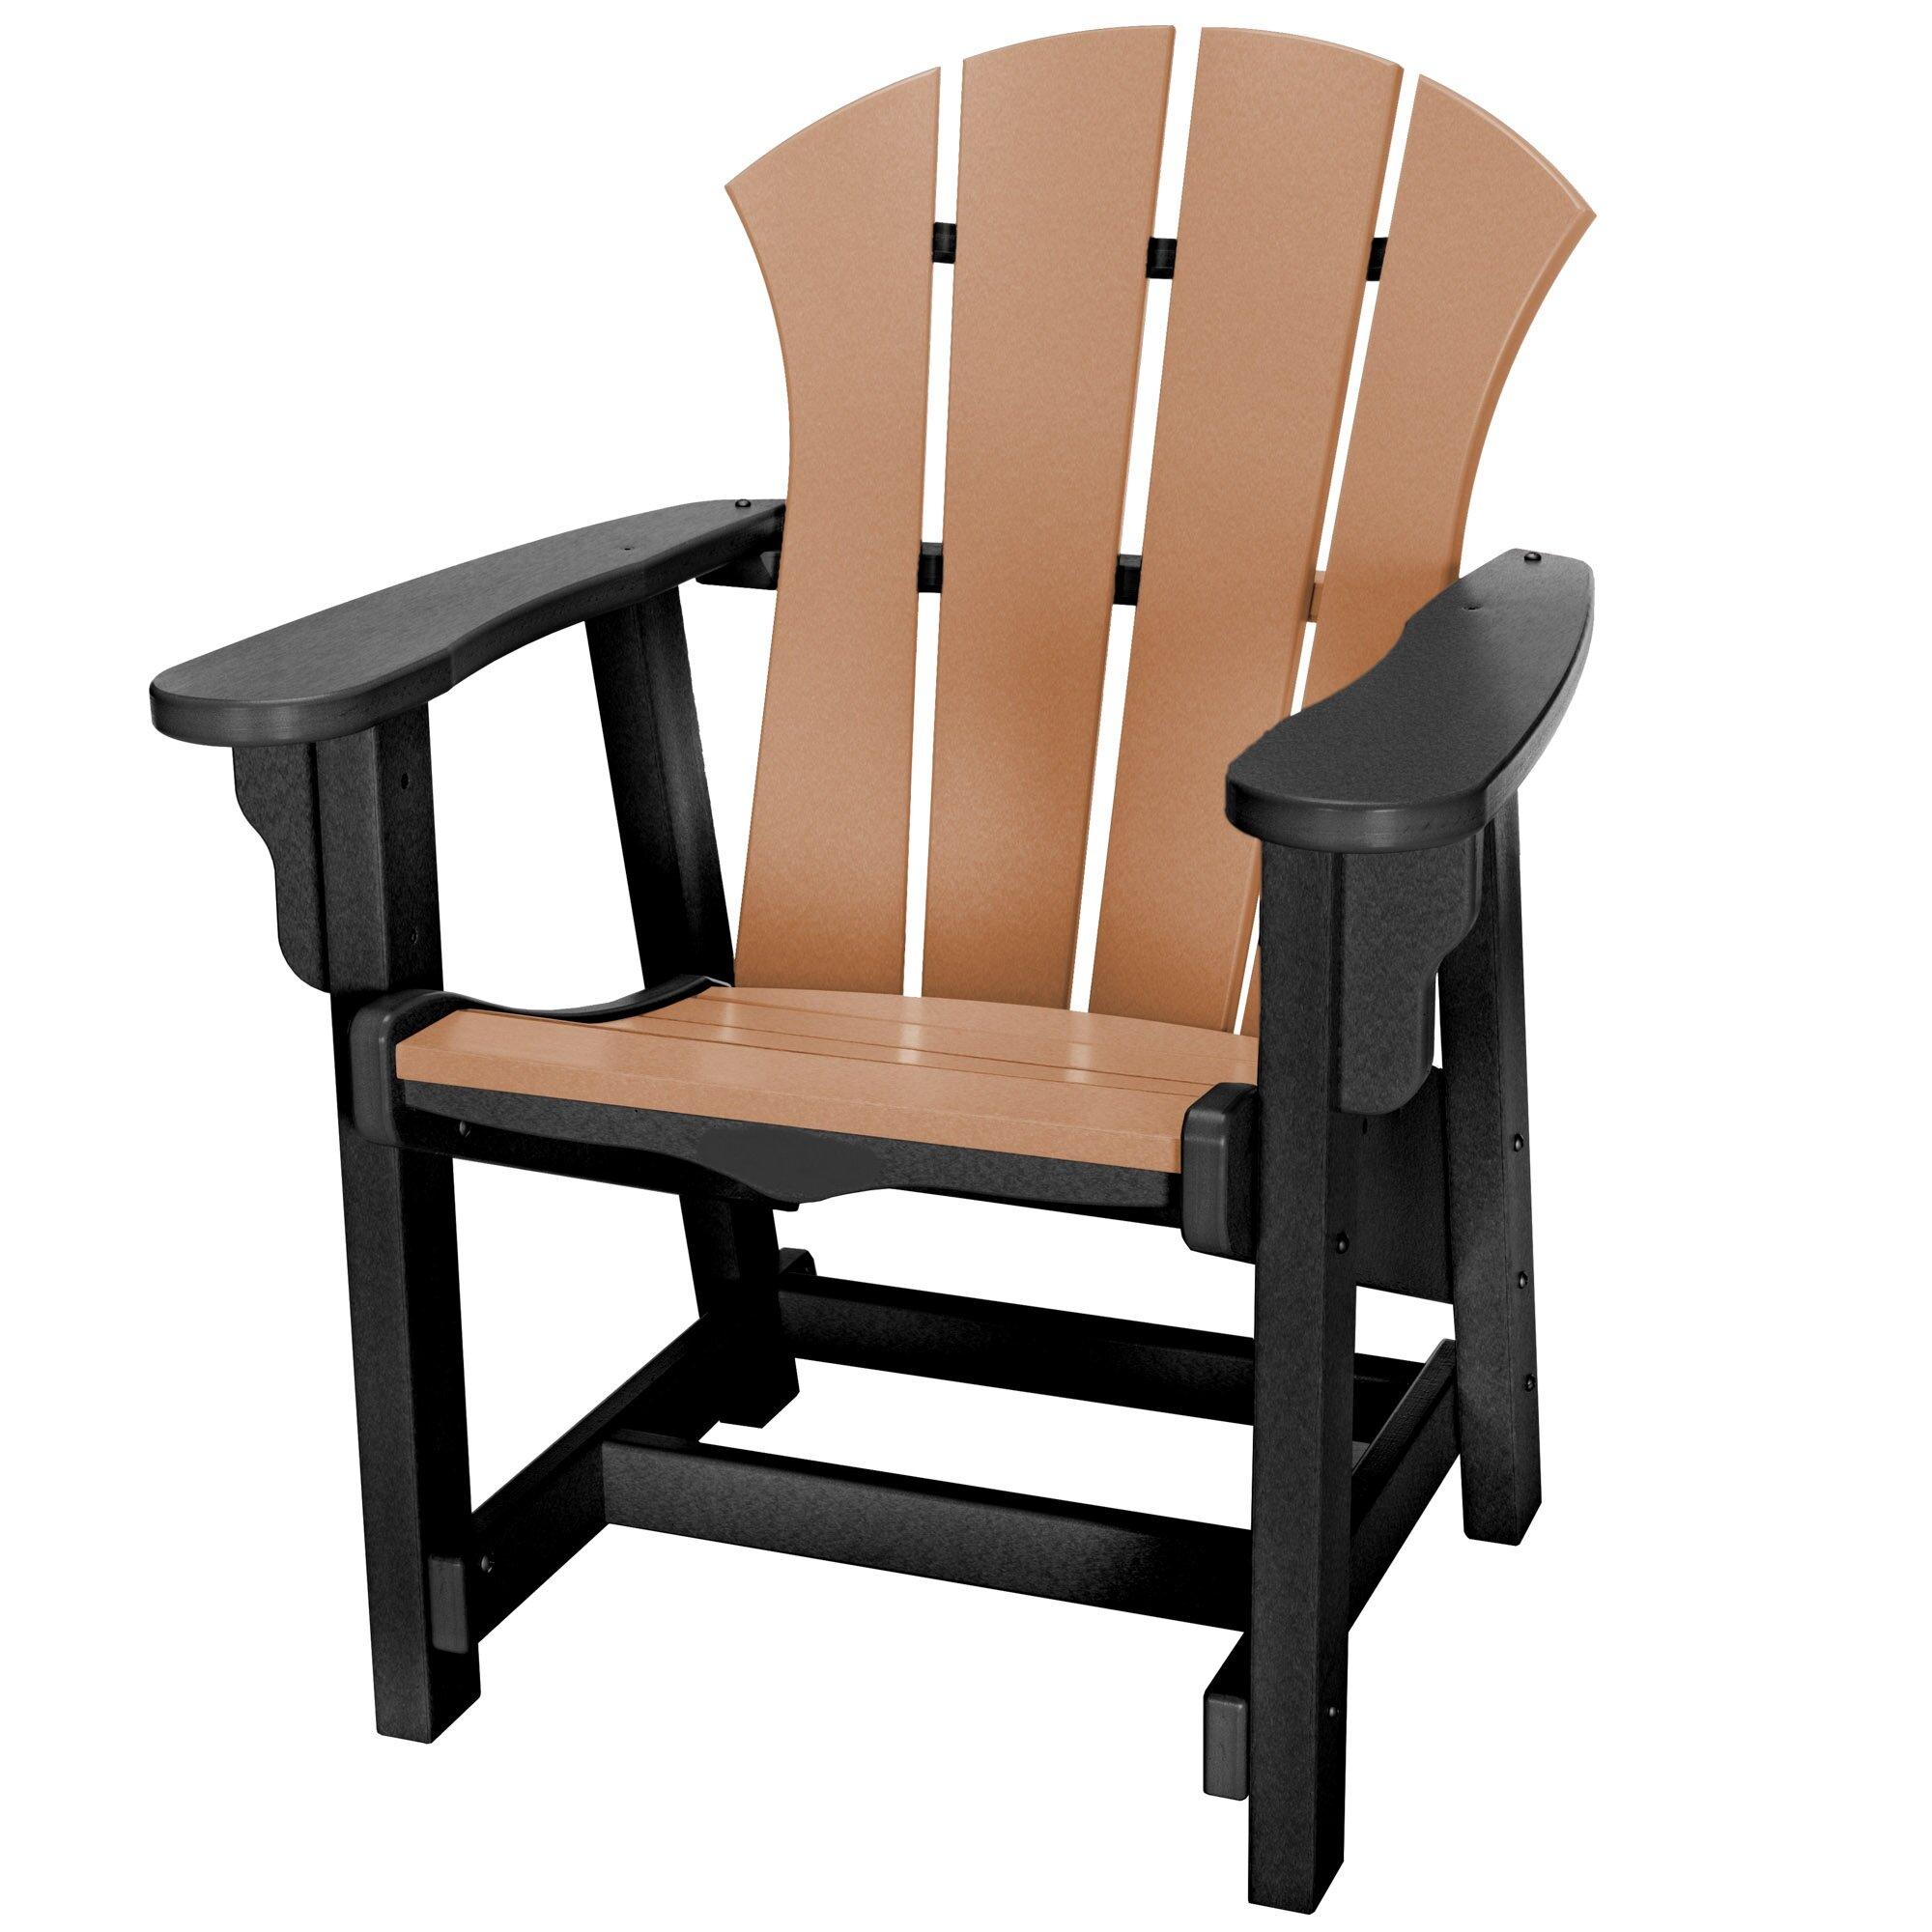 Coussin Pour Fauteuil Adirondack chaise adirondack en plastique conversationnel yeager